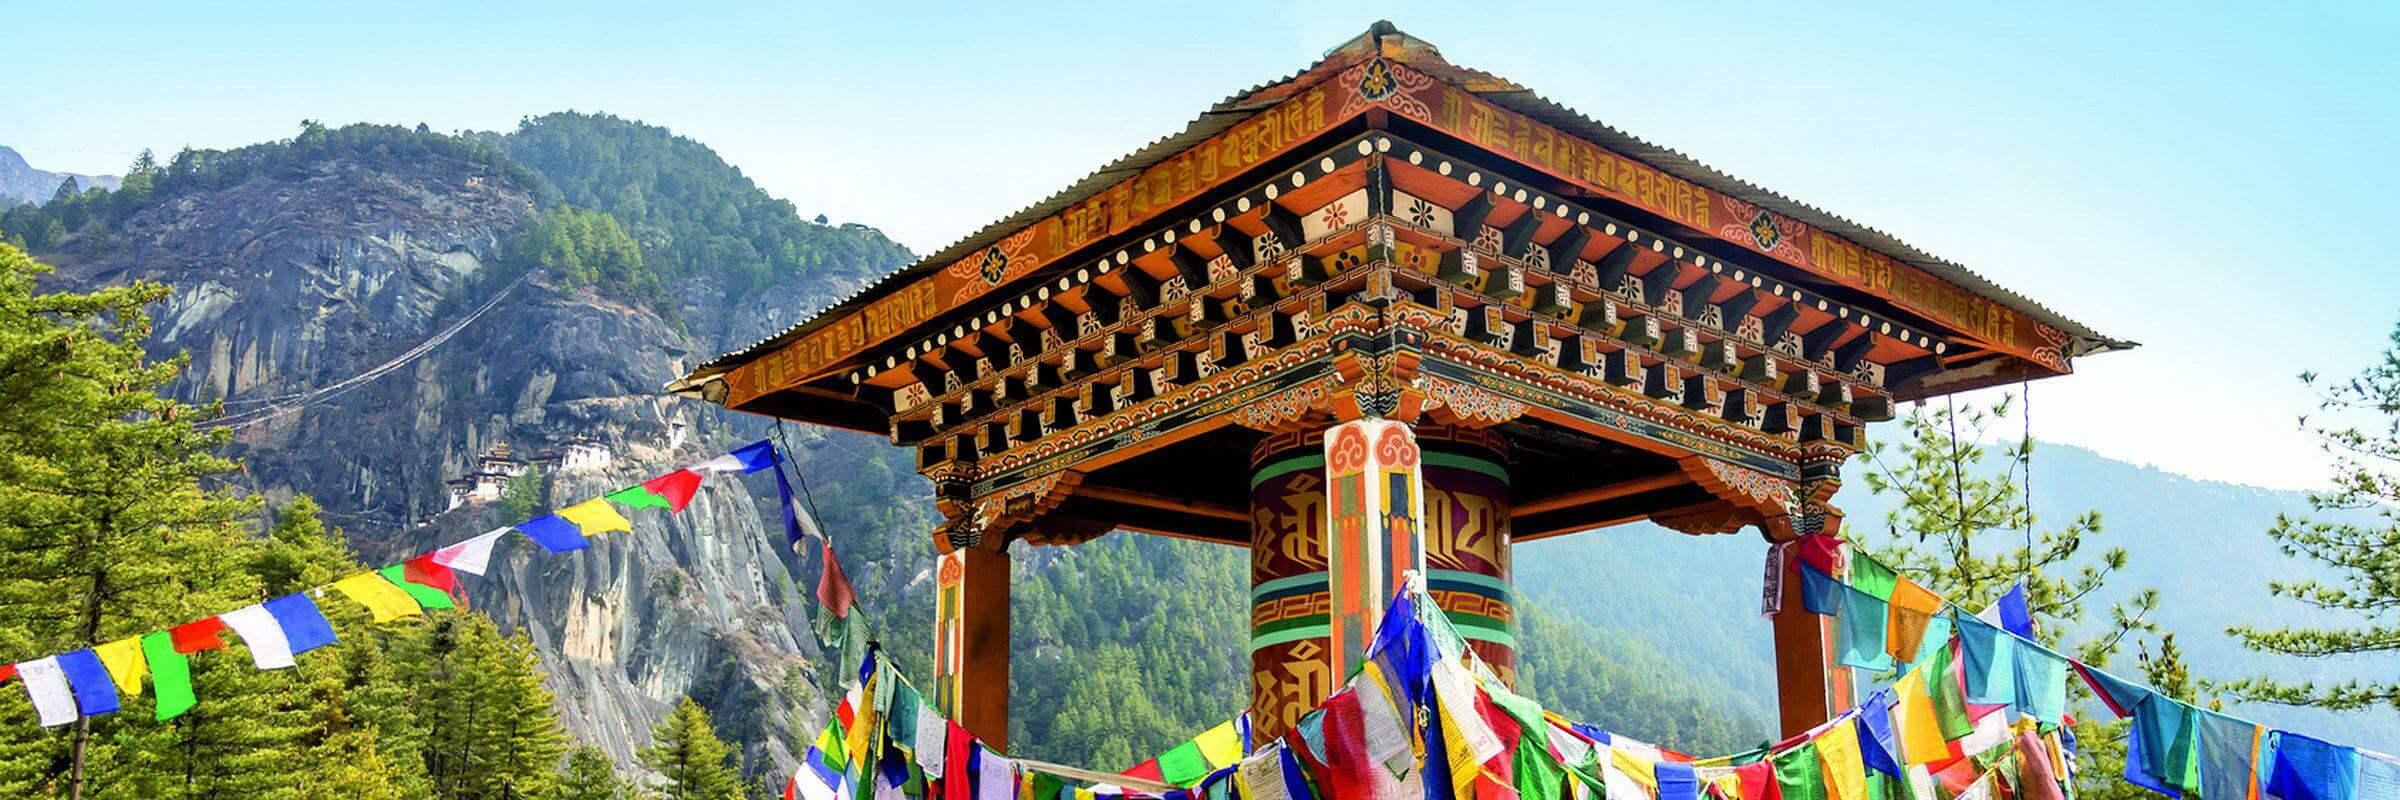 Eine große Gebetsmühle mit vielen Gebetsfahnen auf dem Weg zum berühmten Tigernest, dem Taktshang Kloster